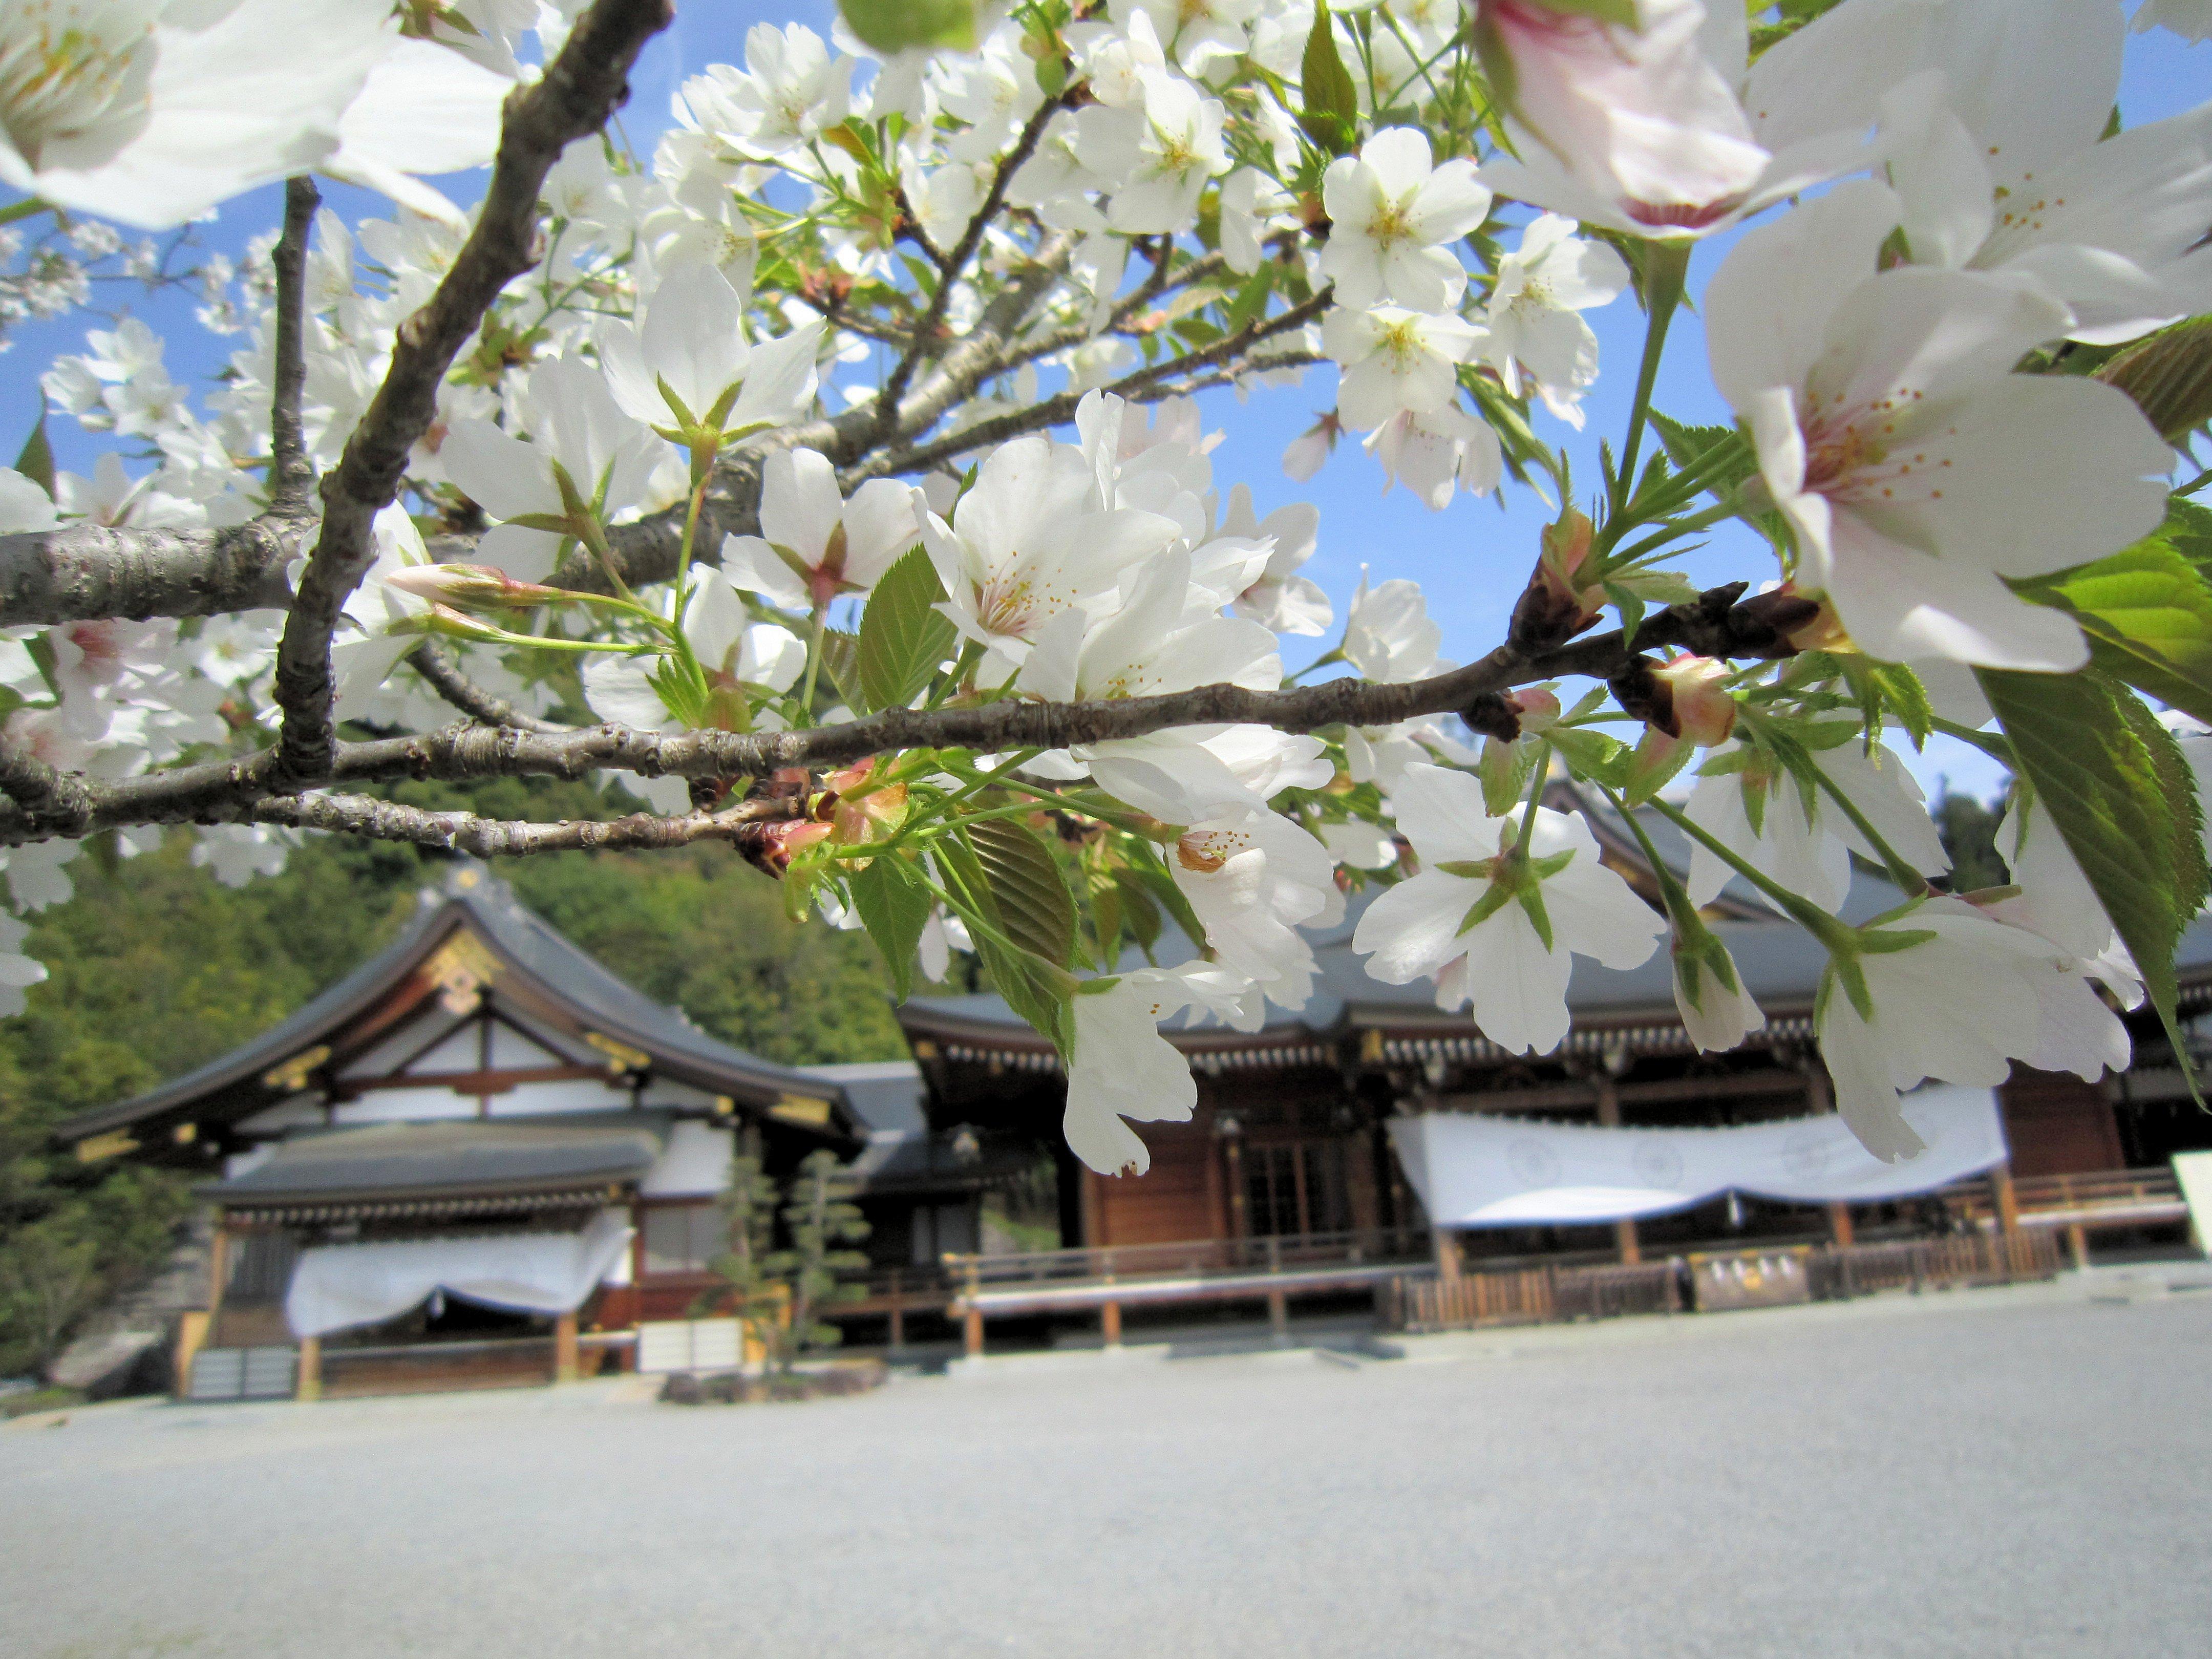 大神神社儀式殿と桜